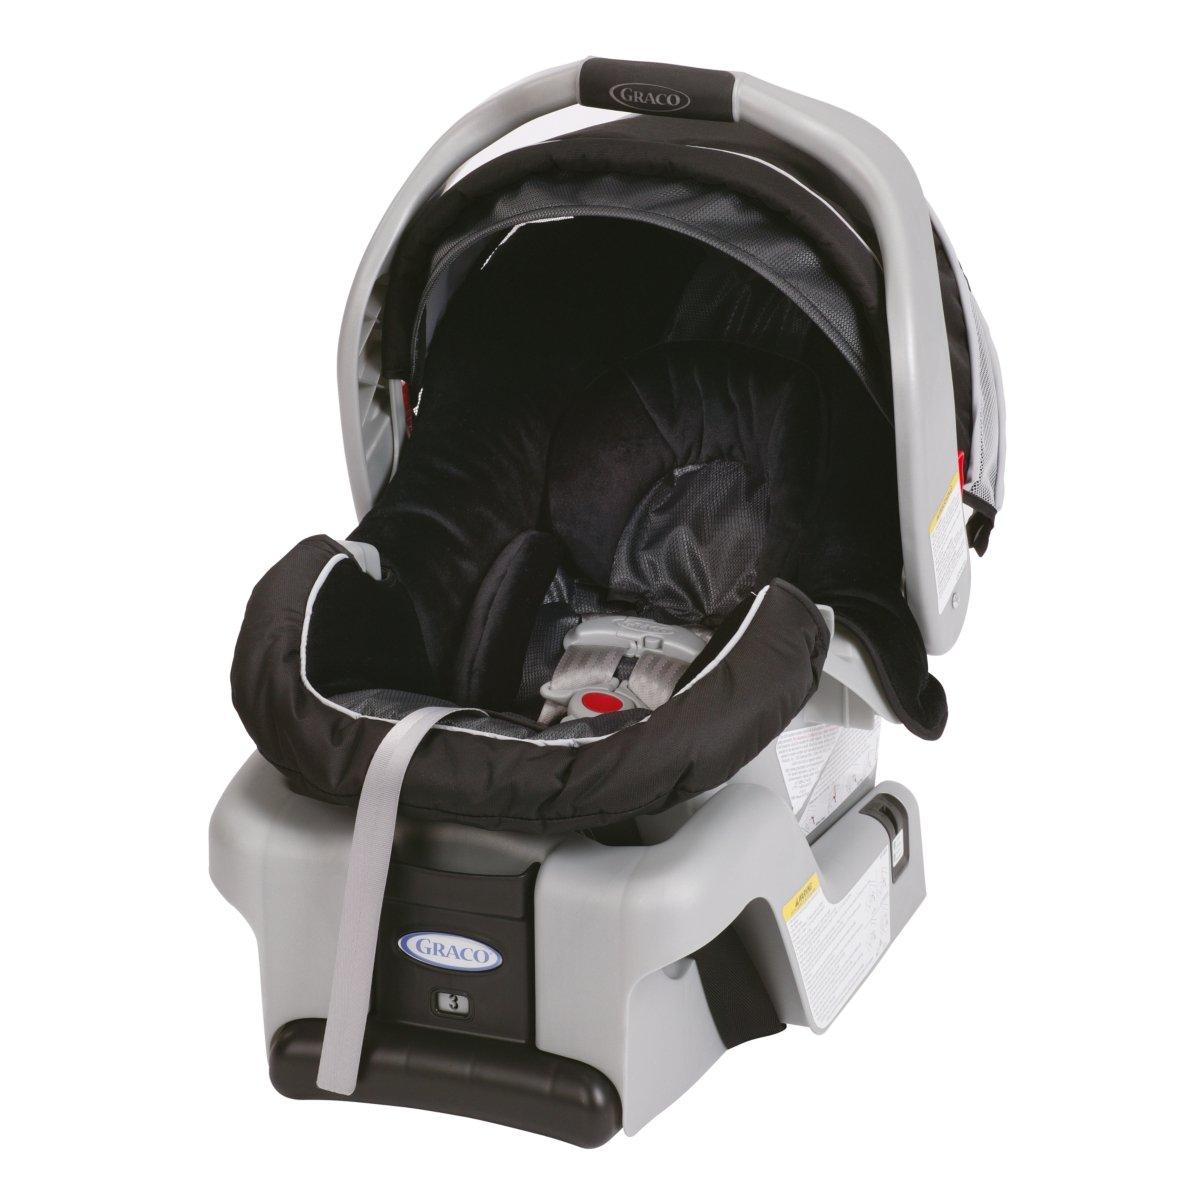 Amazon.com  Graco SnugRide 30 Classic Connect Infant Car Seat Metropolis  Baby  sc 1 st  Amazon.com & Amazon.com : Graco SnugRide 30 Classic Connect Infant Car Seat ...